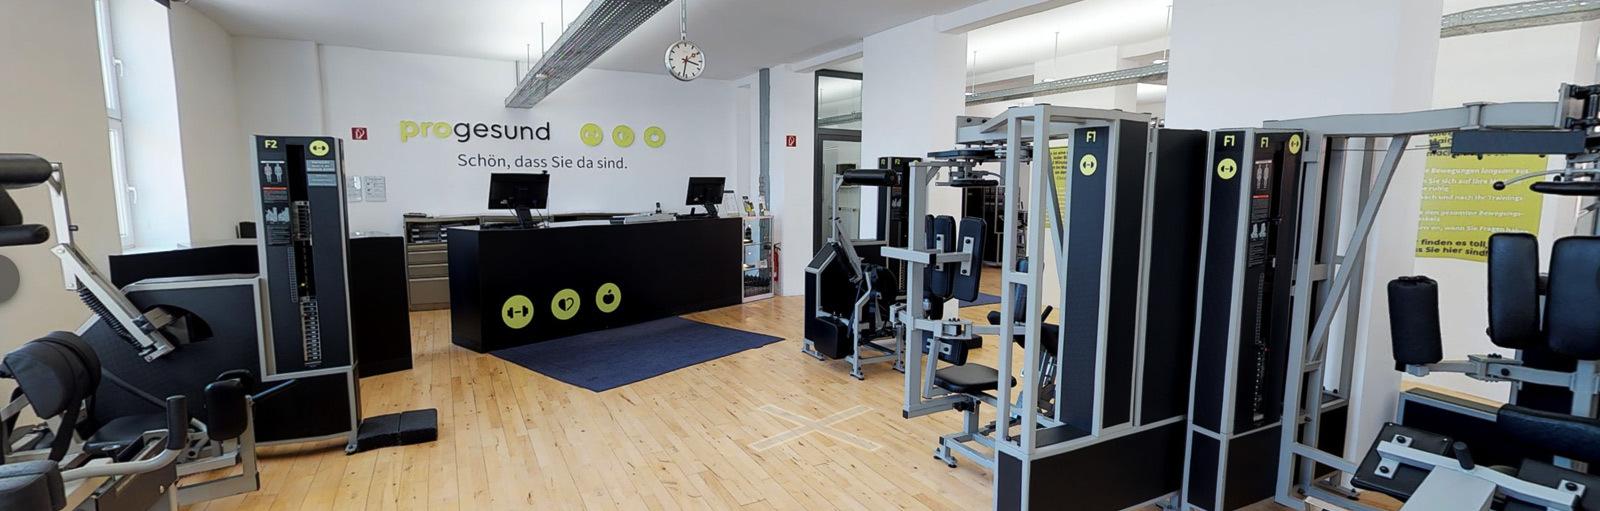 progesund viel mehr als ein Fitnessstudio in Jena